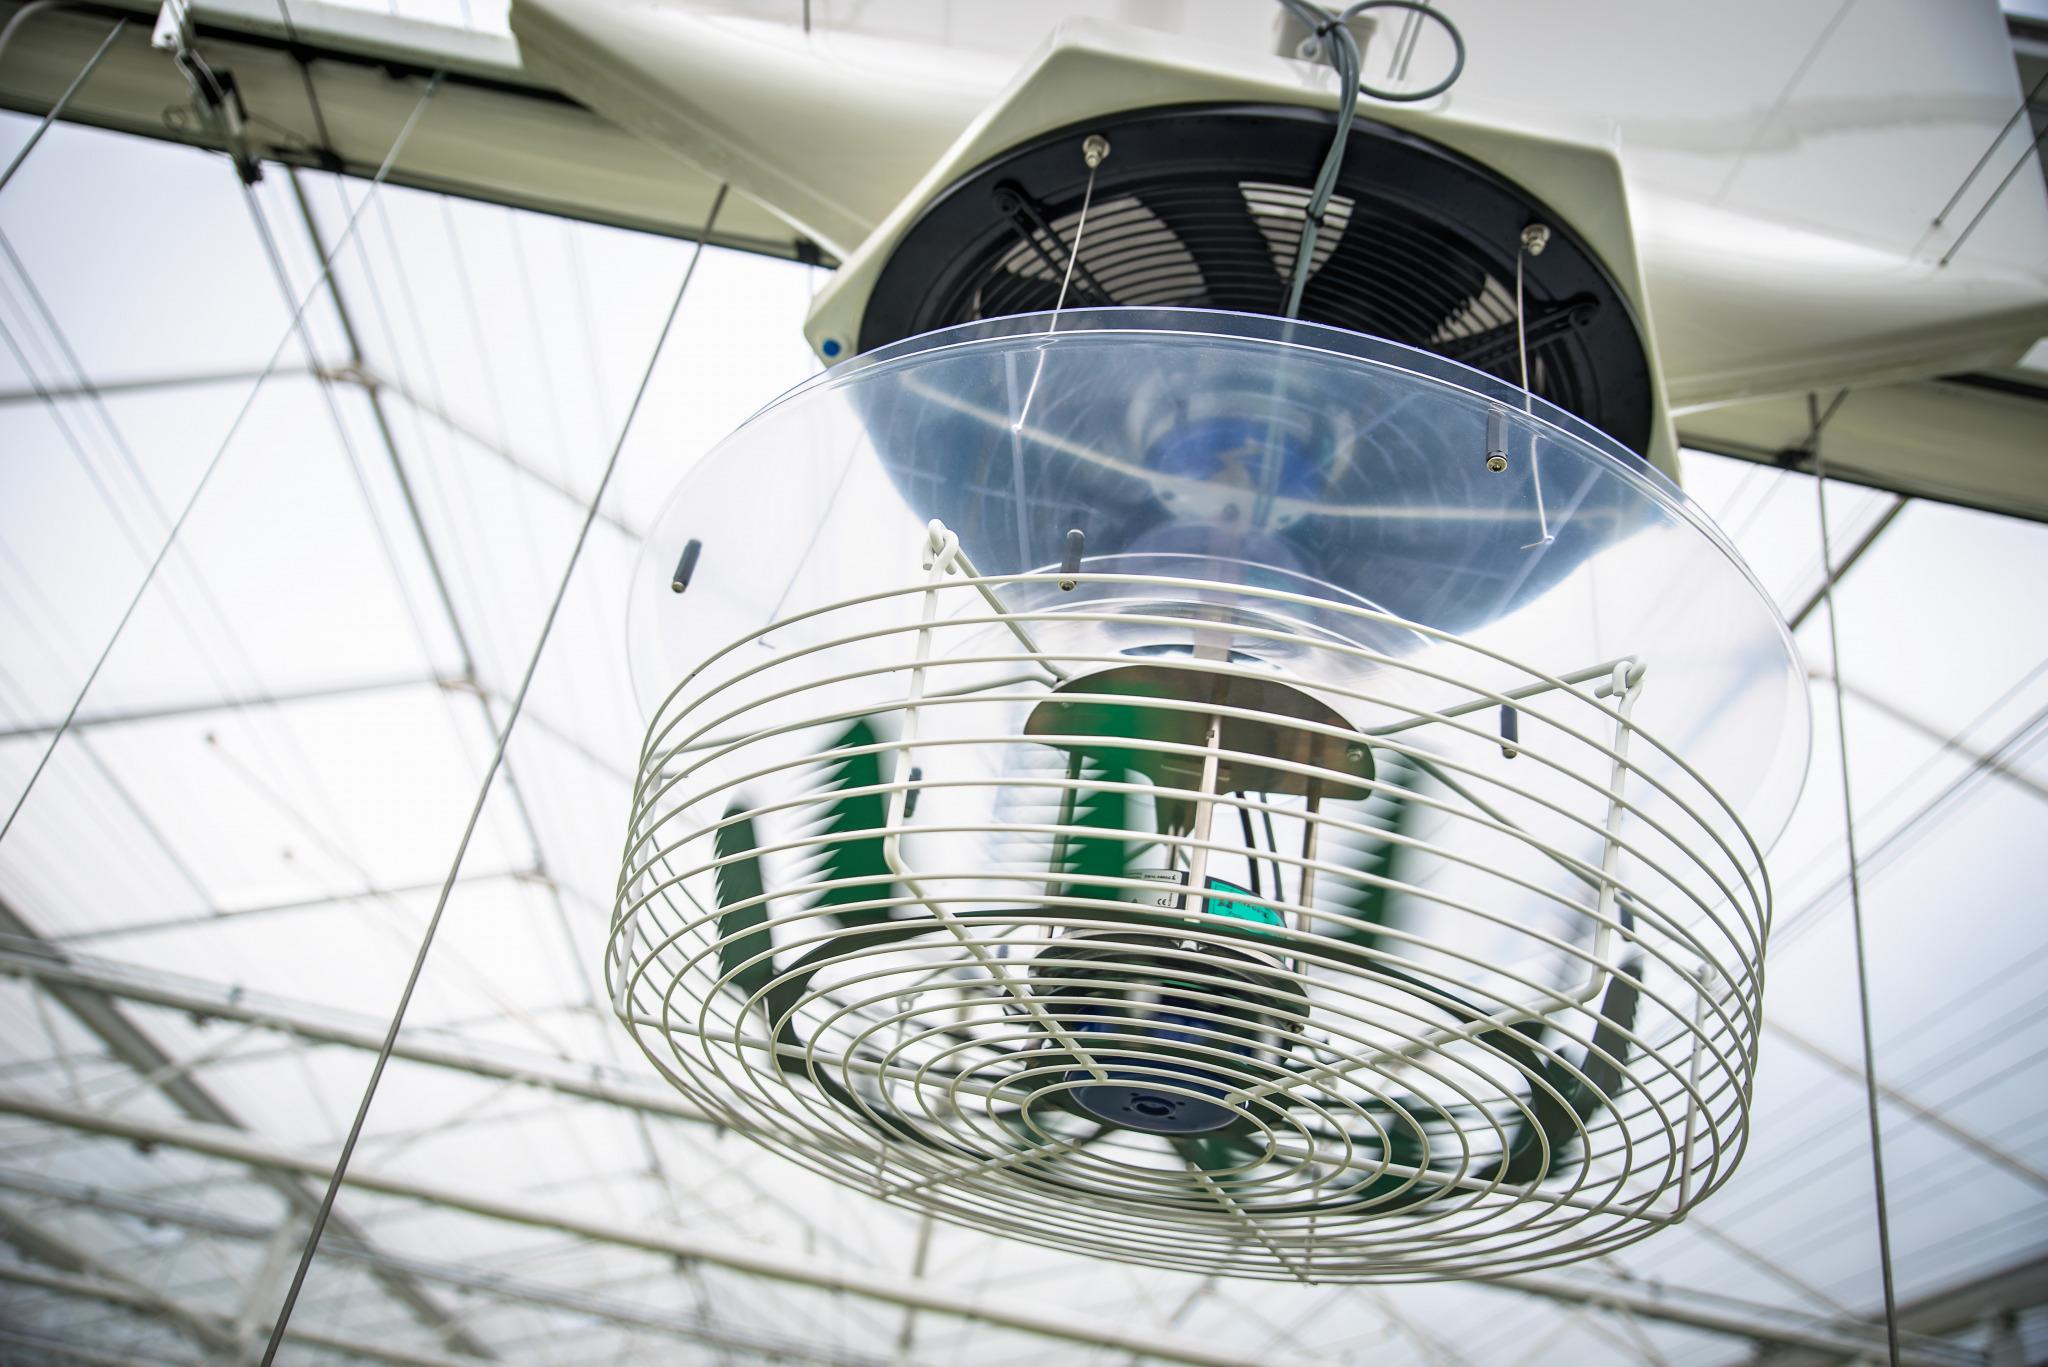 Verticale ventilator van Hinova de Hinovator en VantilationJet